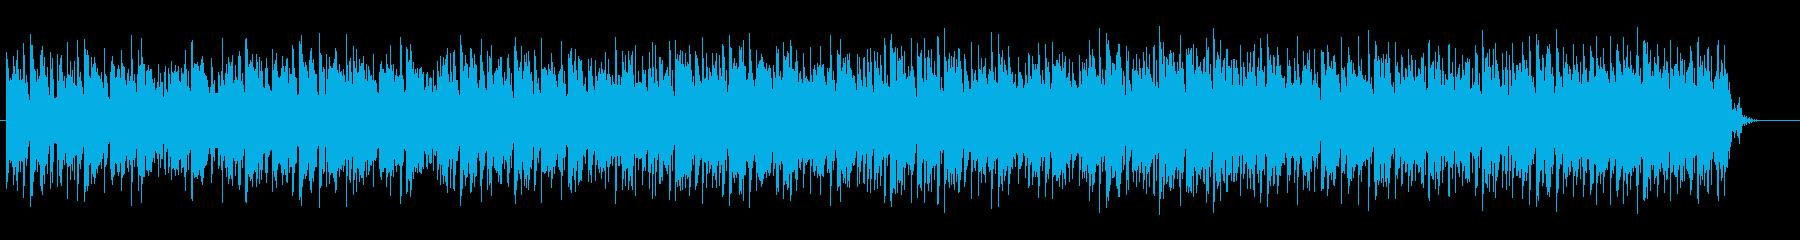 浮遊感がある宇宙的なサウンドの再生済みの波形